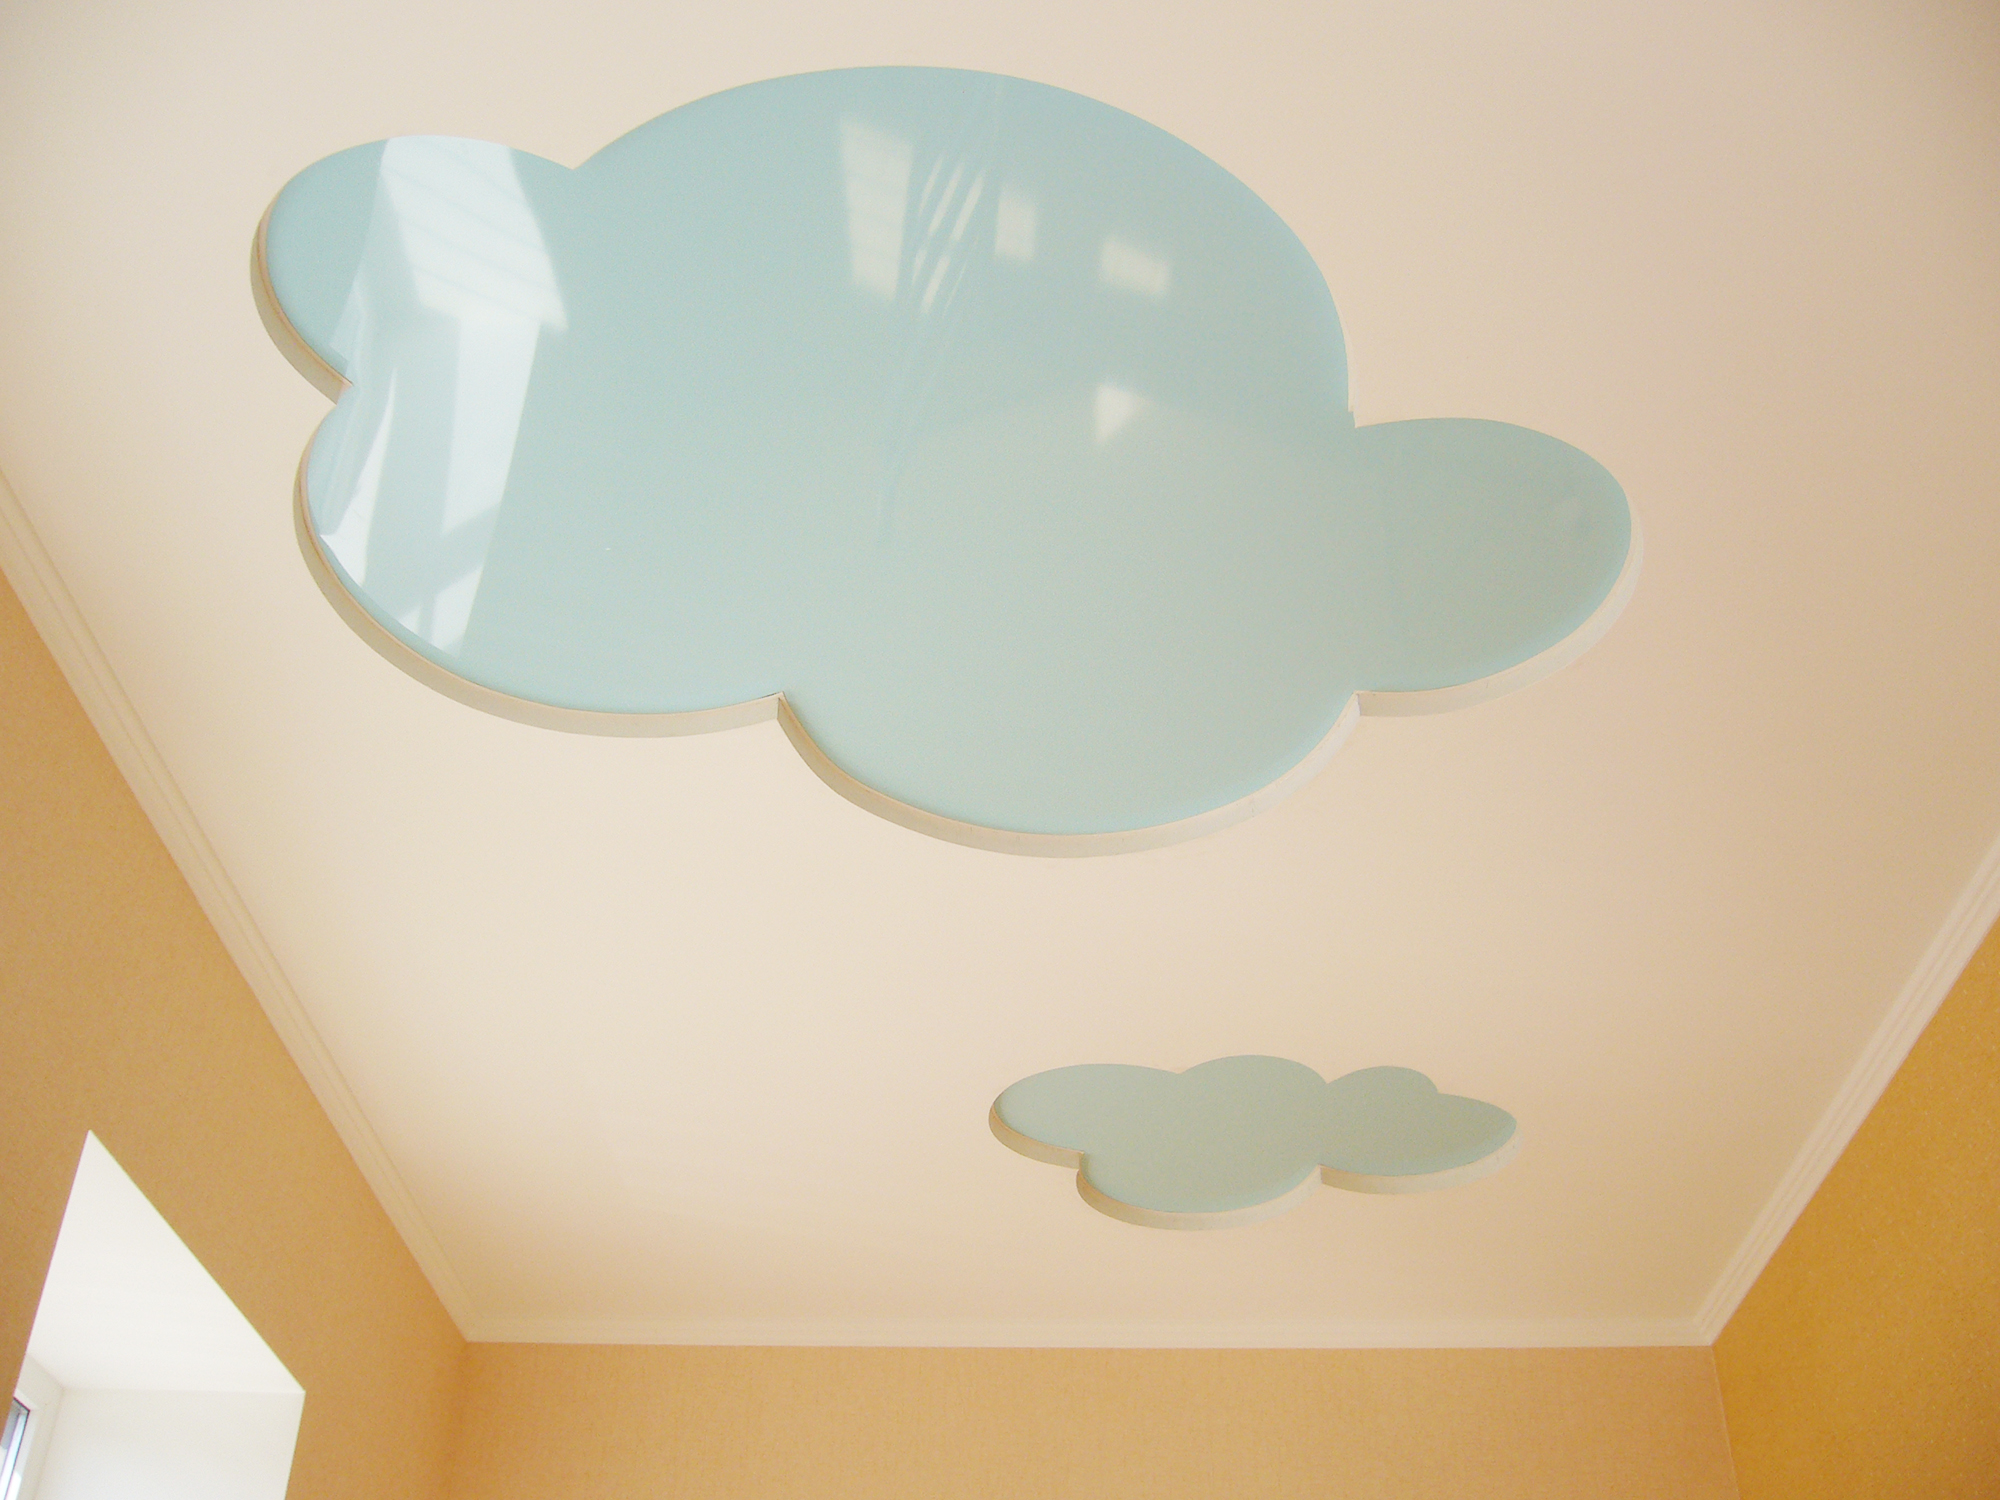 Двухуровневый потолок с облаками в детской